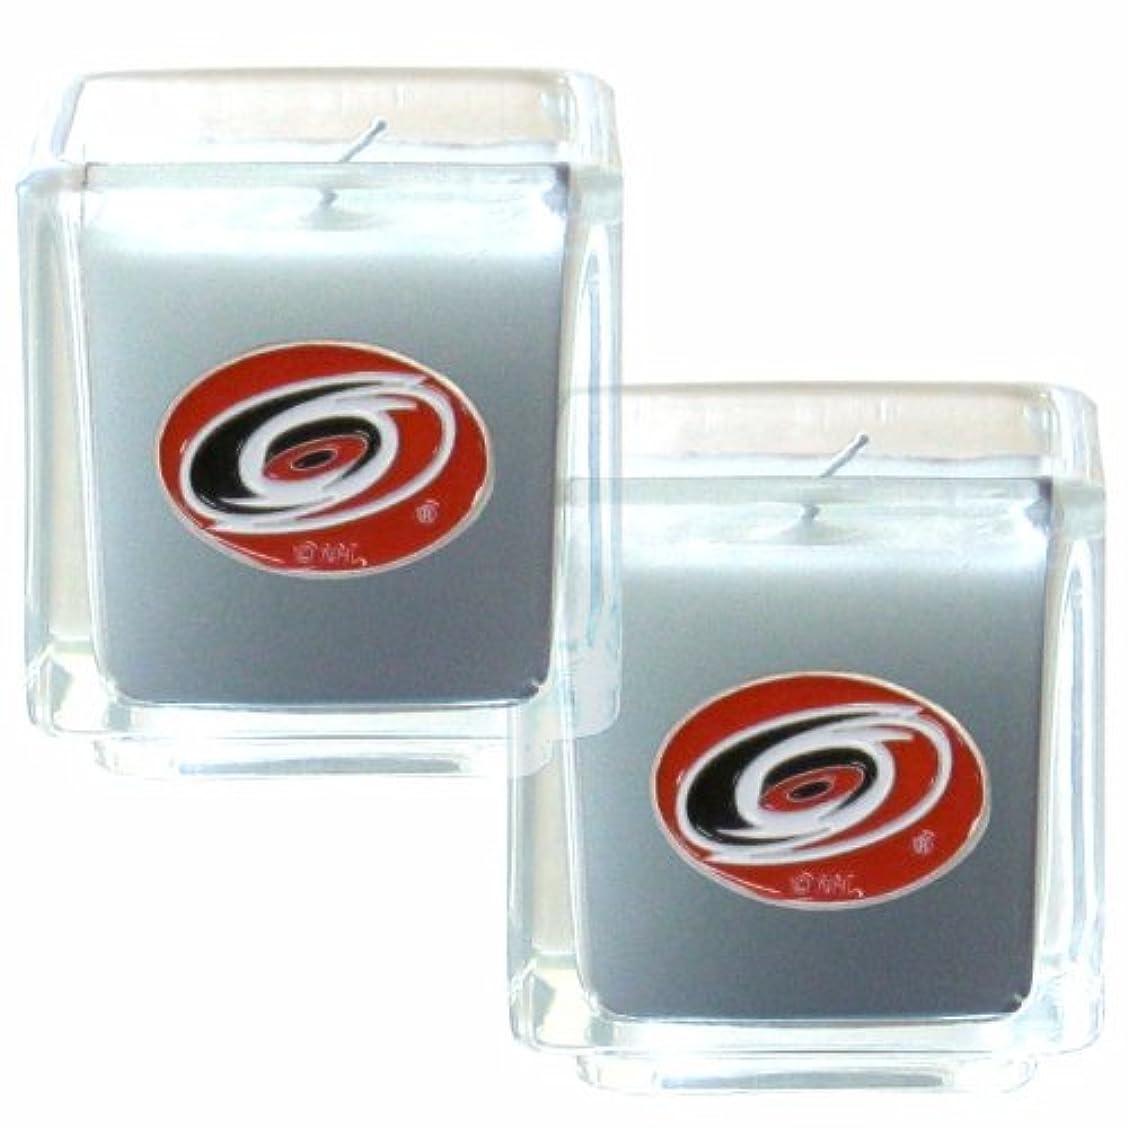 矛盾するスラック鎮痛剤NHL Scented Candle Set ホワイト